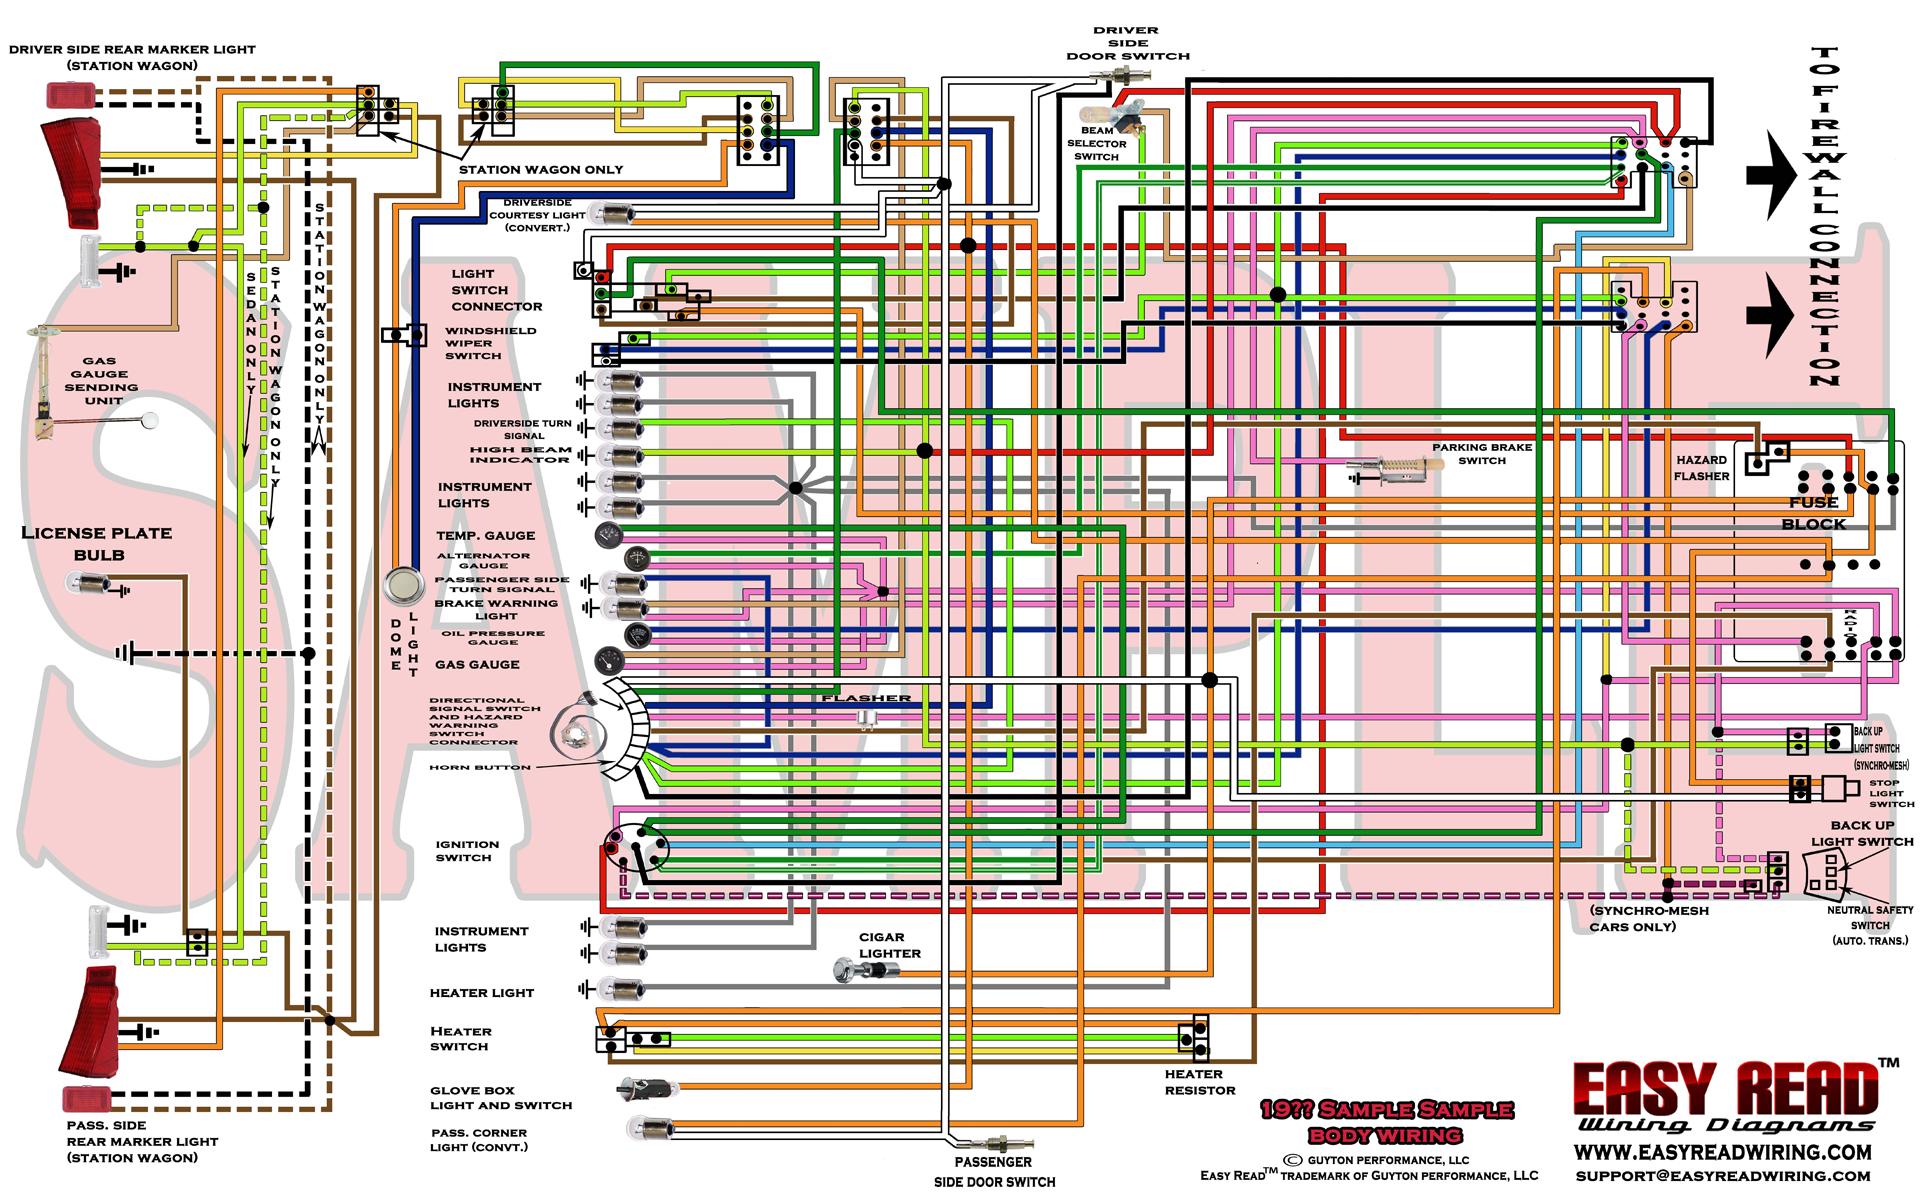 1970 nova wiring diagram: amazon.de: apps für android  amazon.de